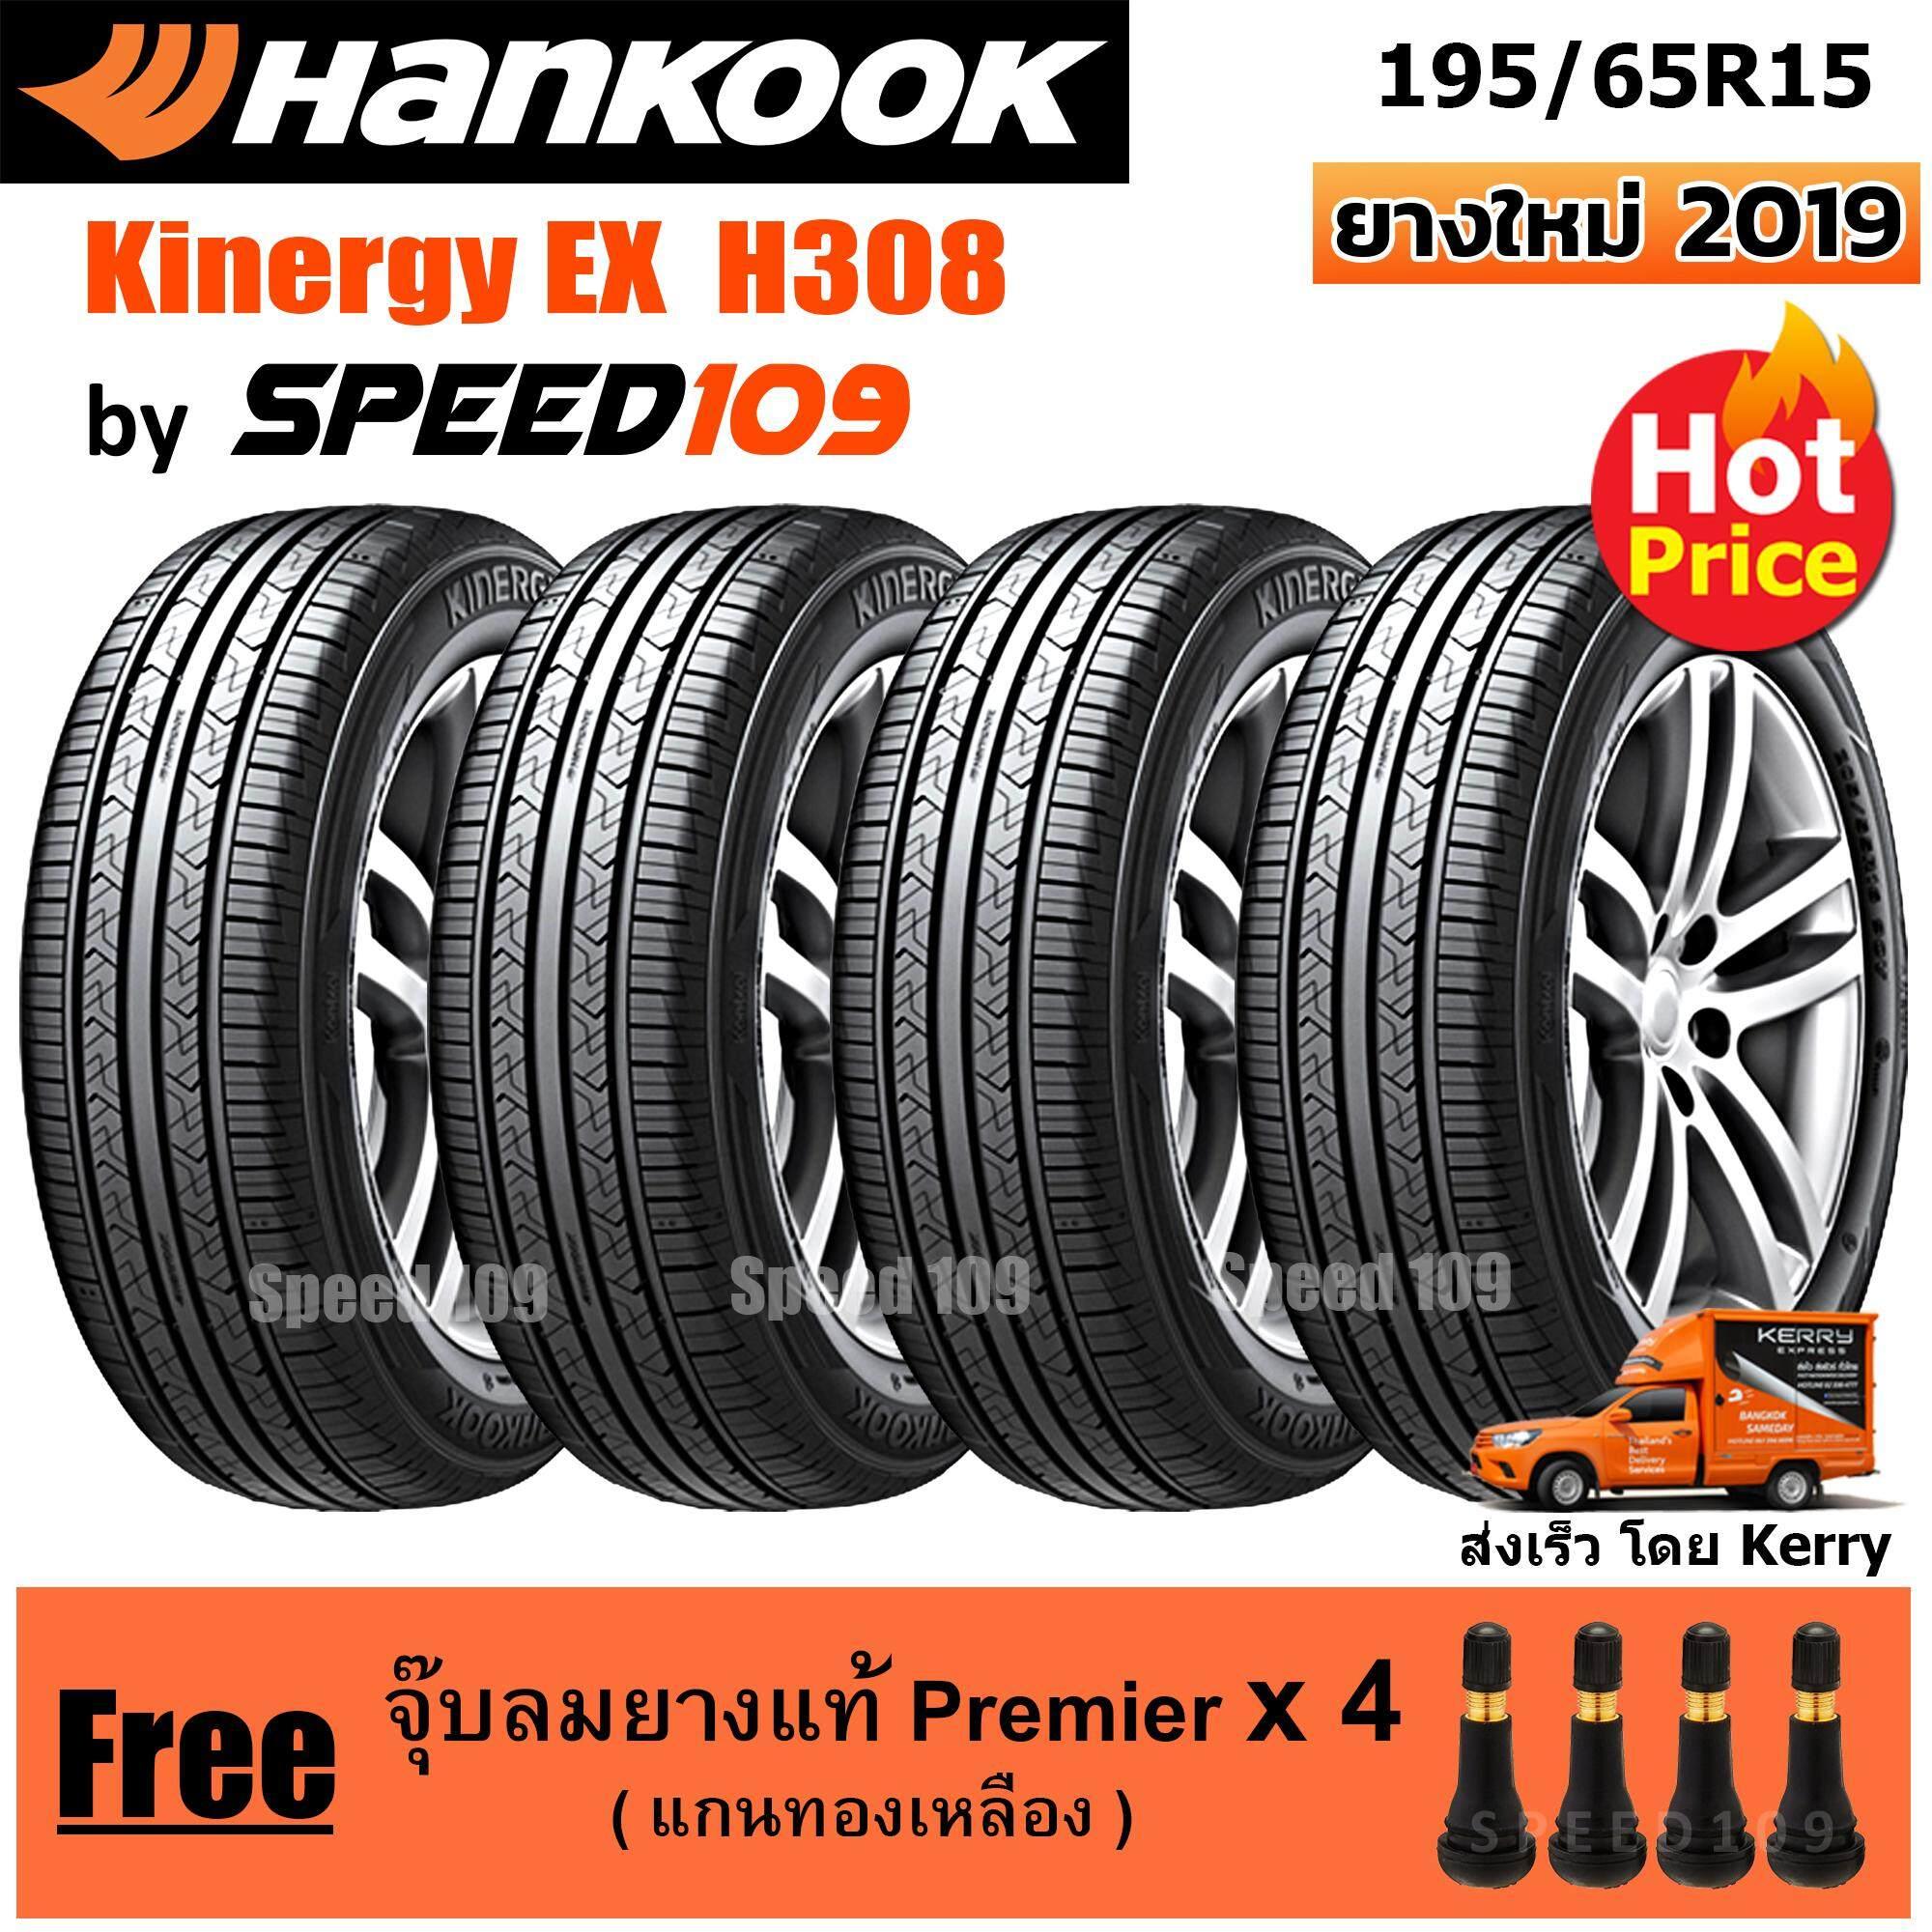 ประกันภัย รถยนต์ แบบ ผ่อน ได้ ชุมพร HANKOOK ยางรถยนต์ ขอบ 15 ขนาด 195/65R15 รุ่น Kinergy EX H308 - 4 เส้น (ปี 2019)